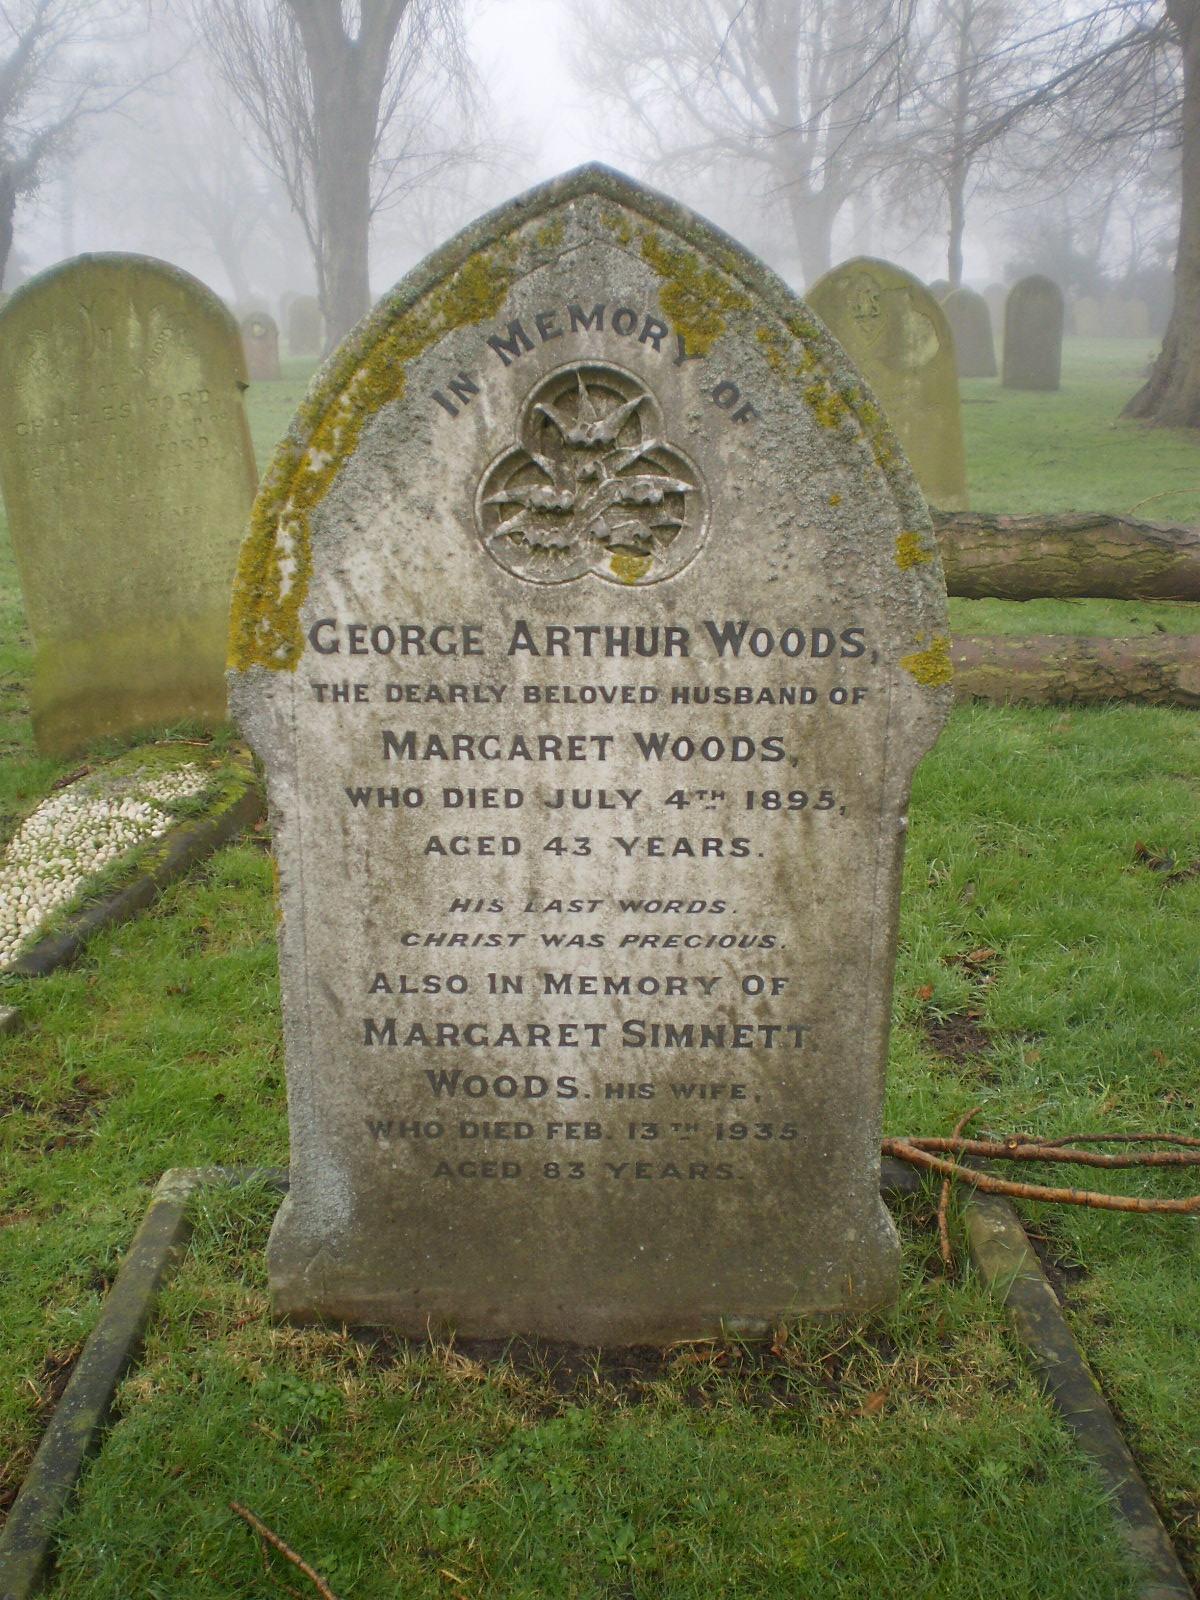 George Arthur Woods